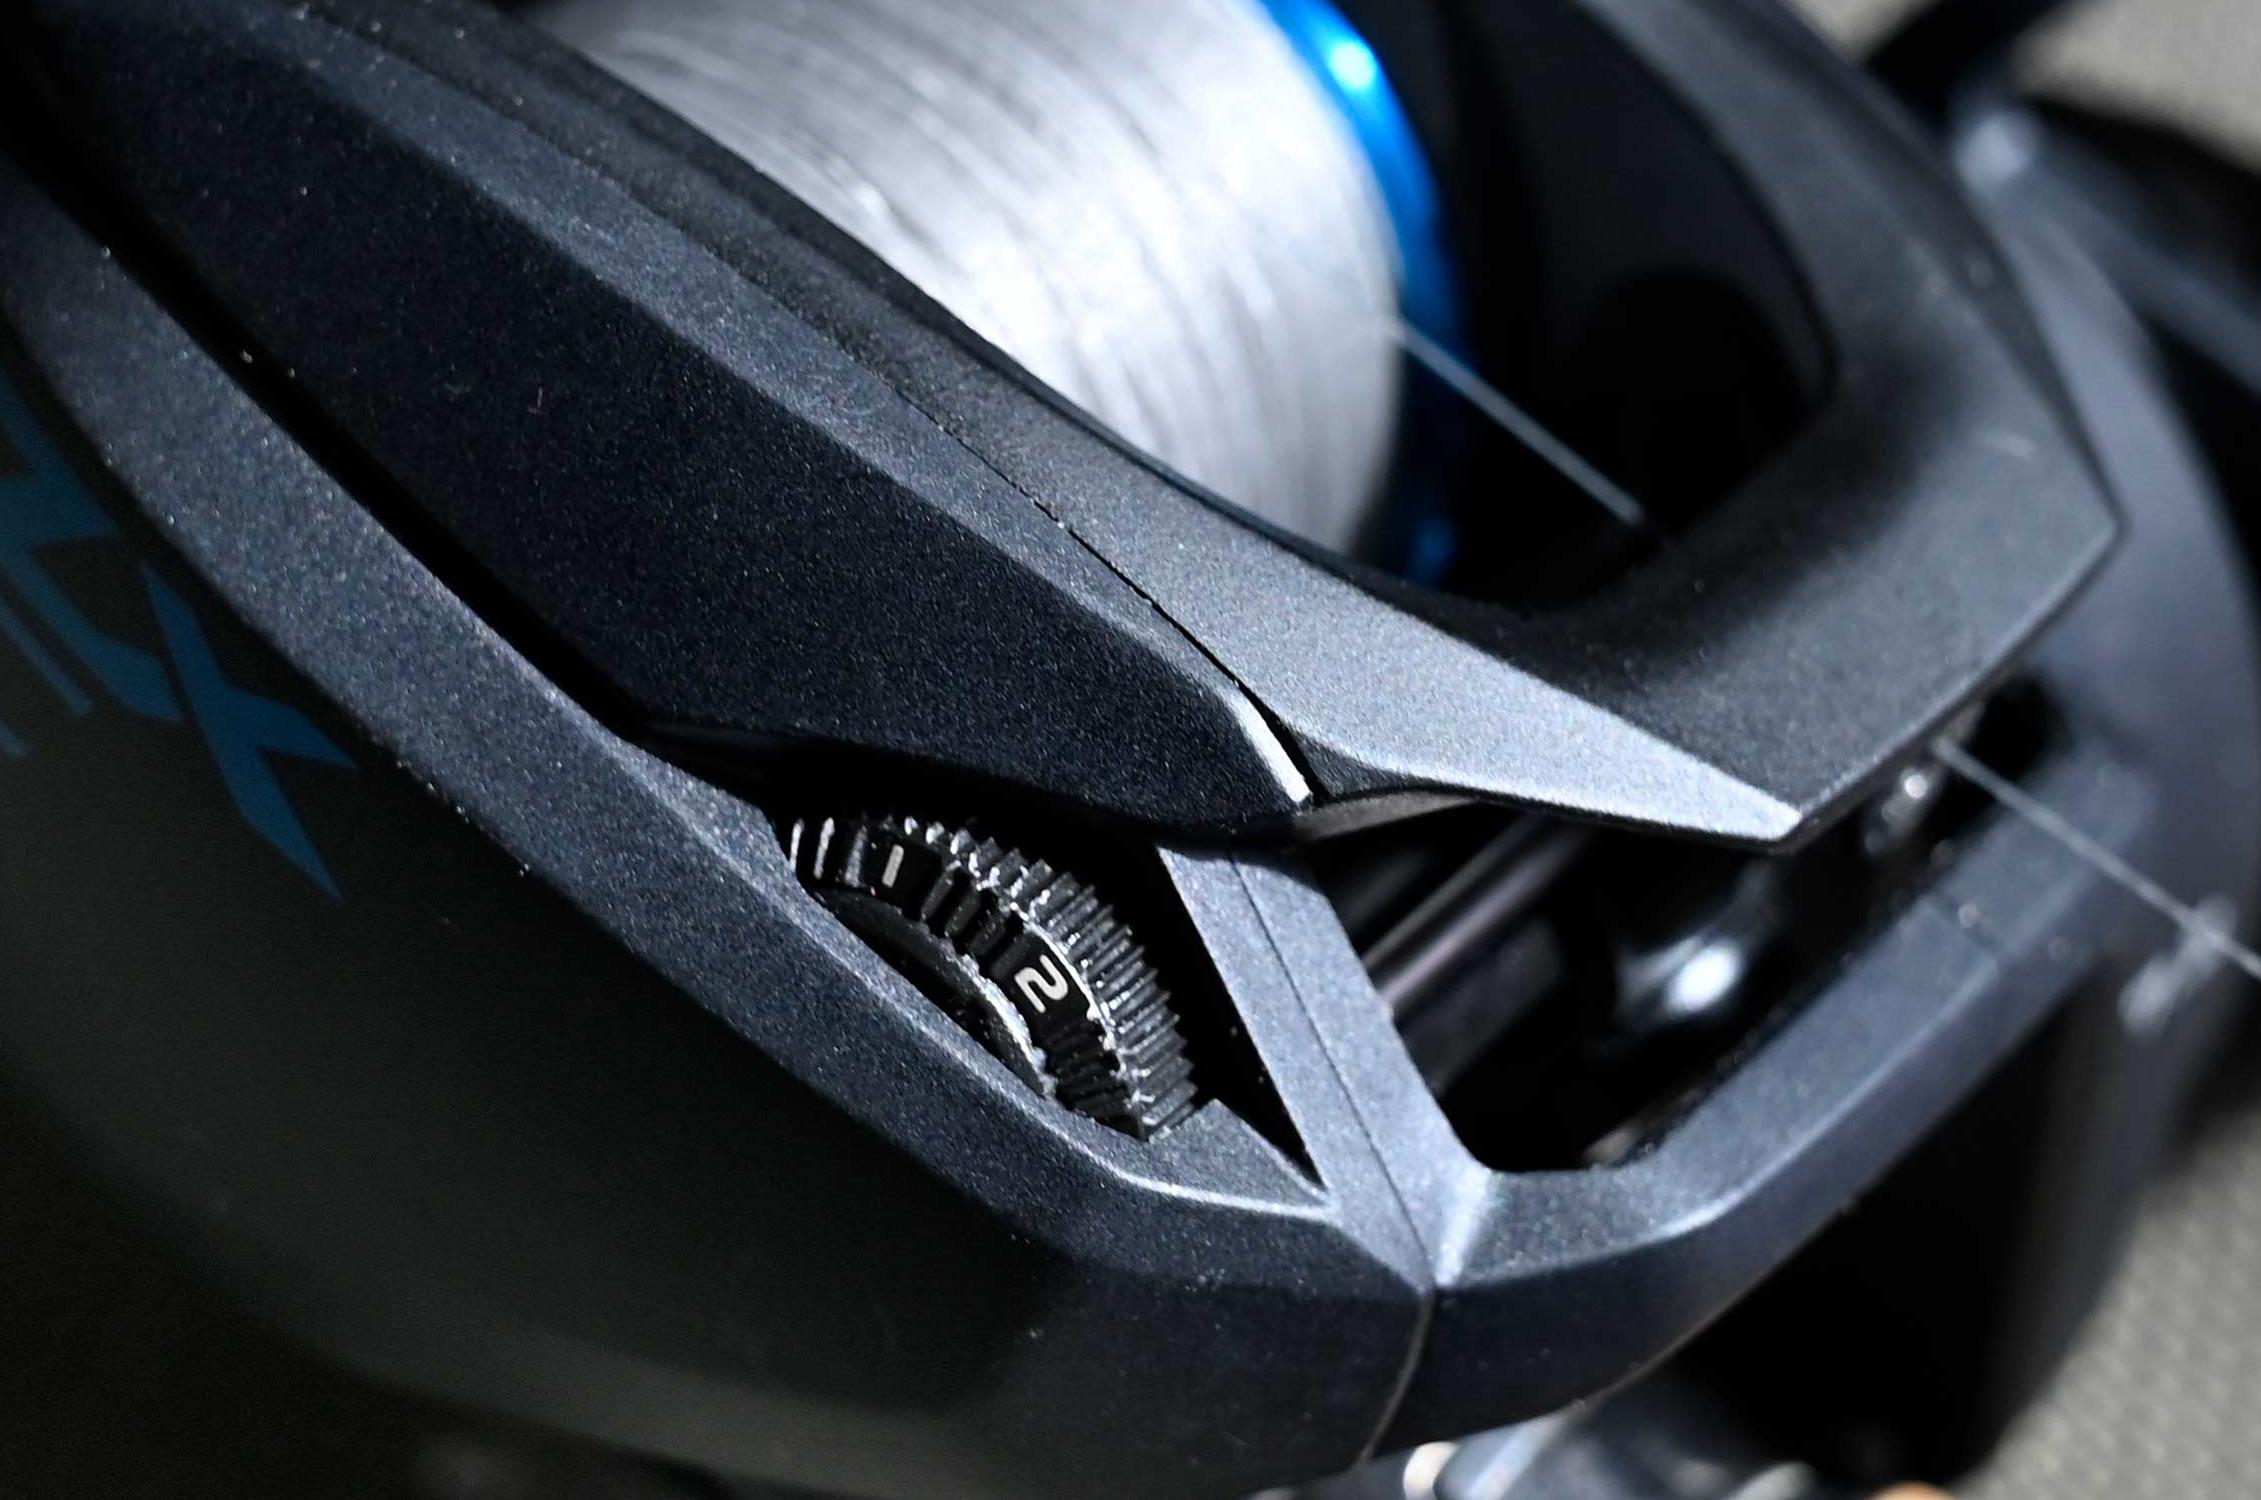 På fronten af højre gavl indstilles hvilket af de 4 modes DC-bremsen skal køre i.